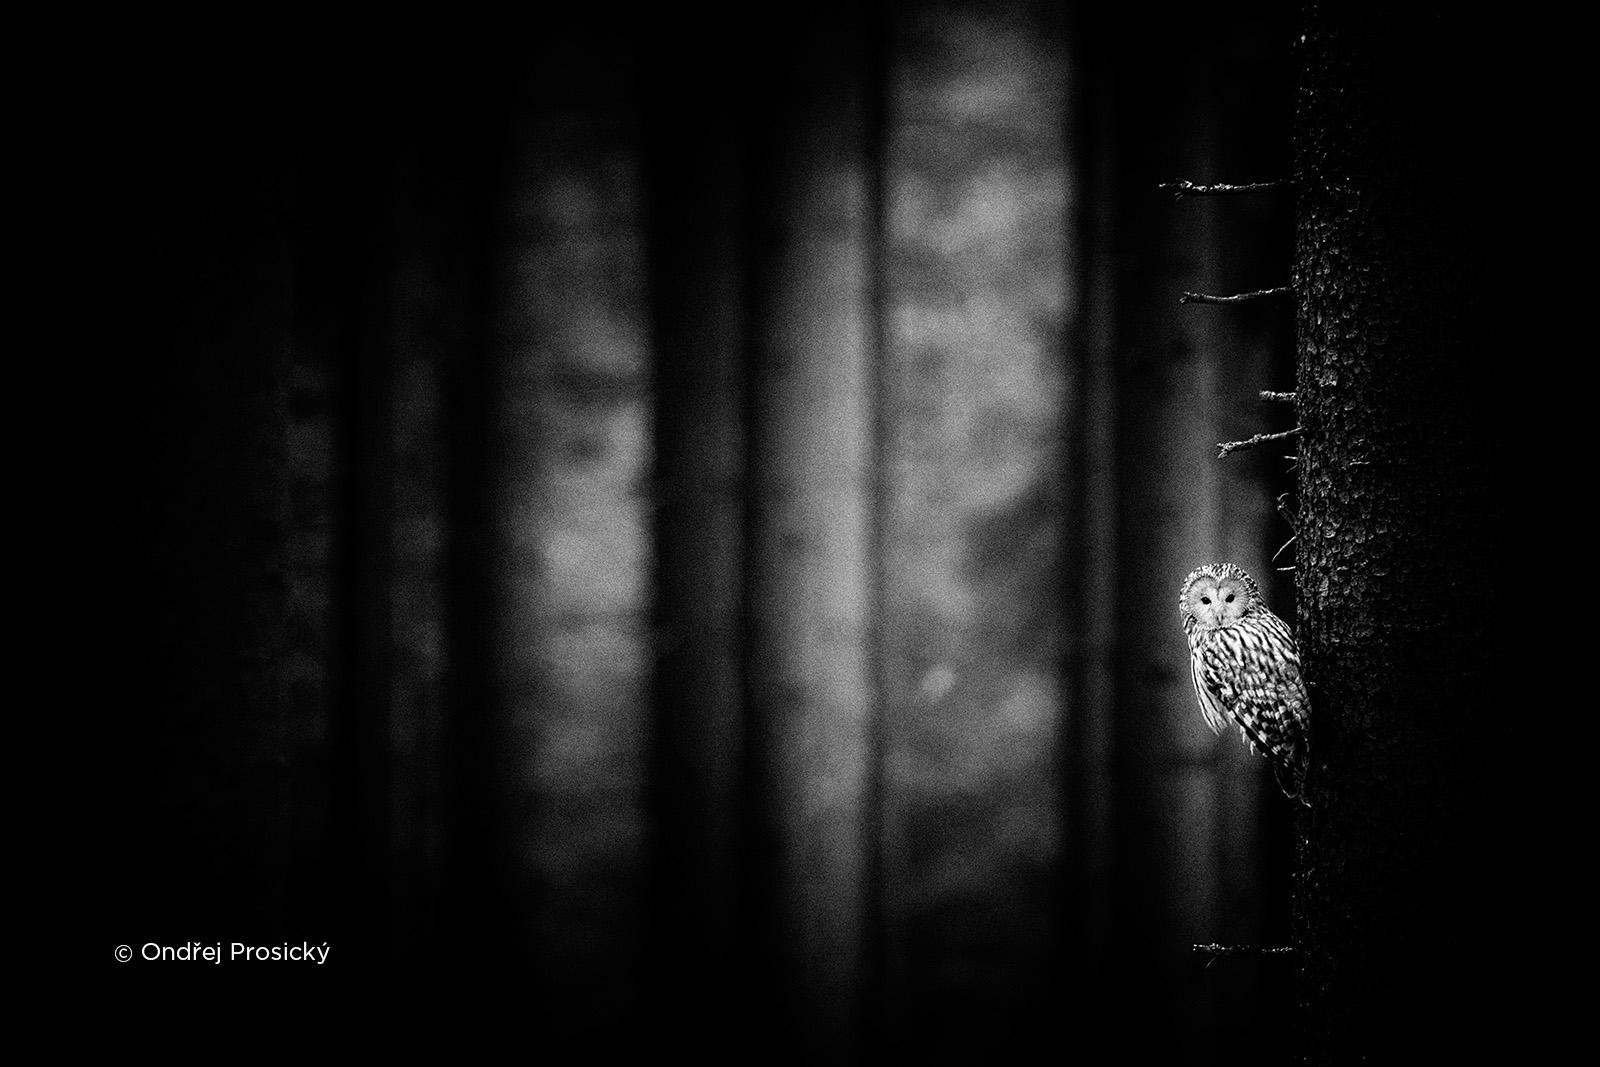 czech nature photo nominace český les – ondřej prosický